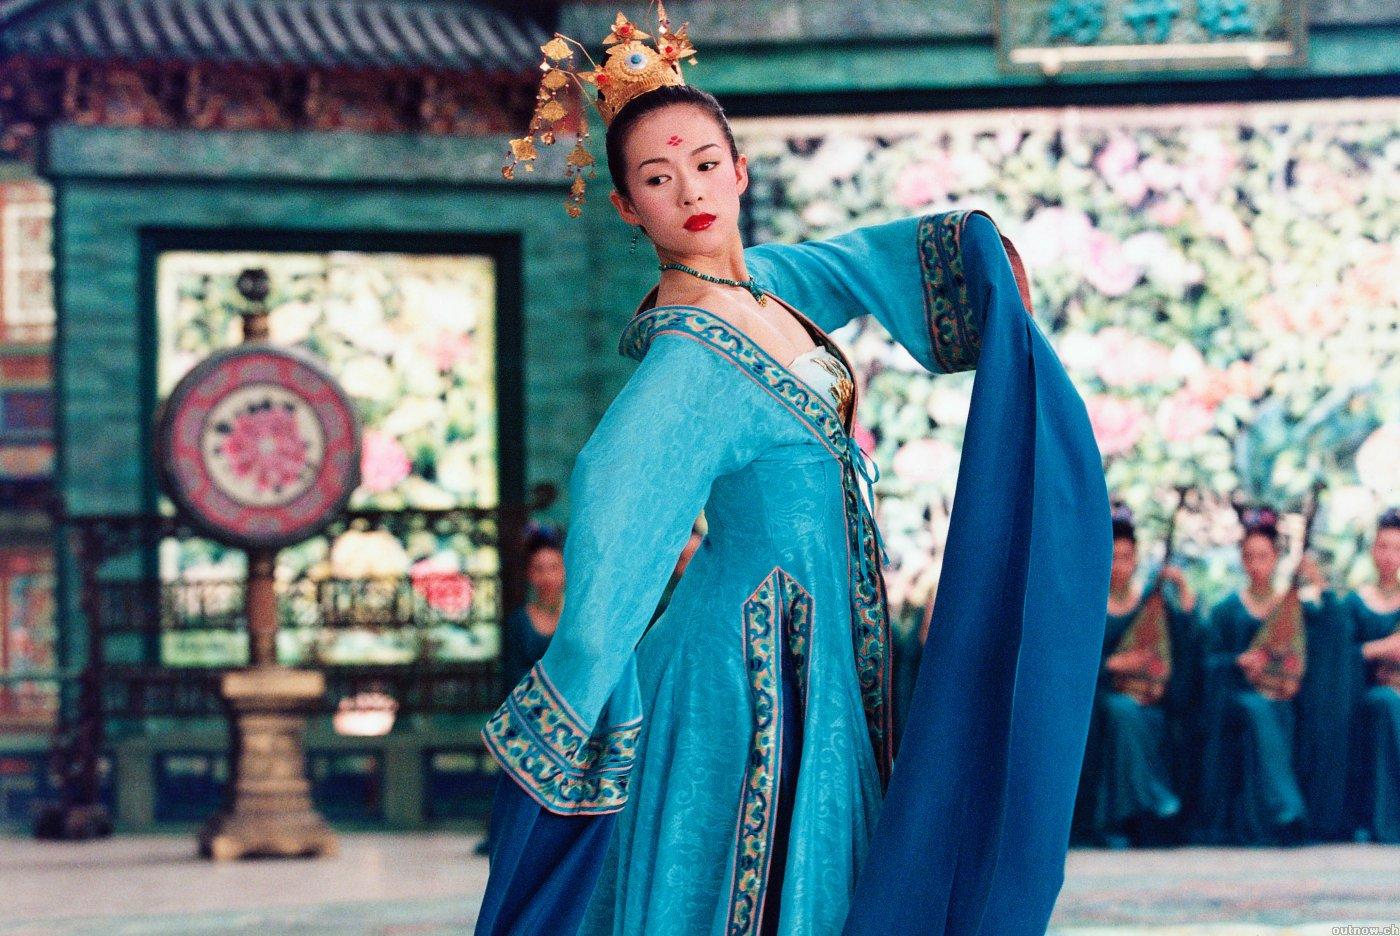 Zhang Yimou—Master of Color